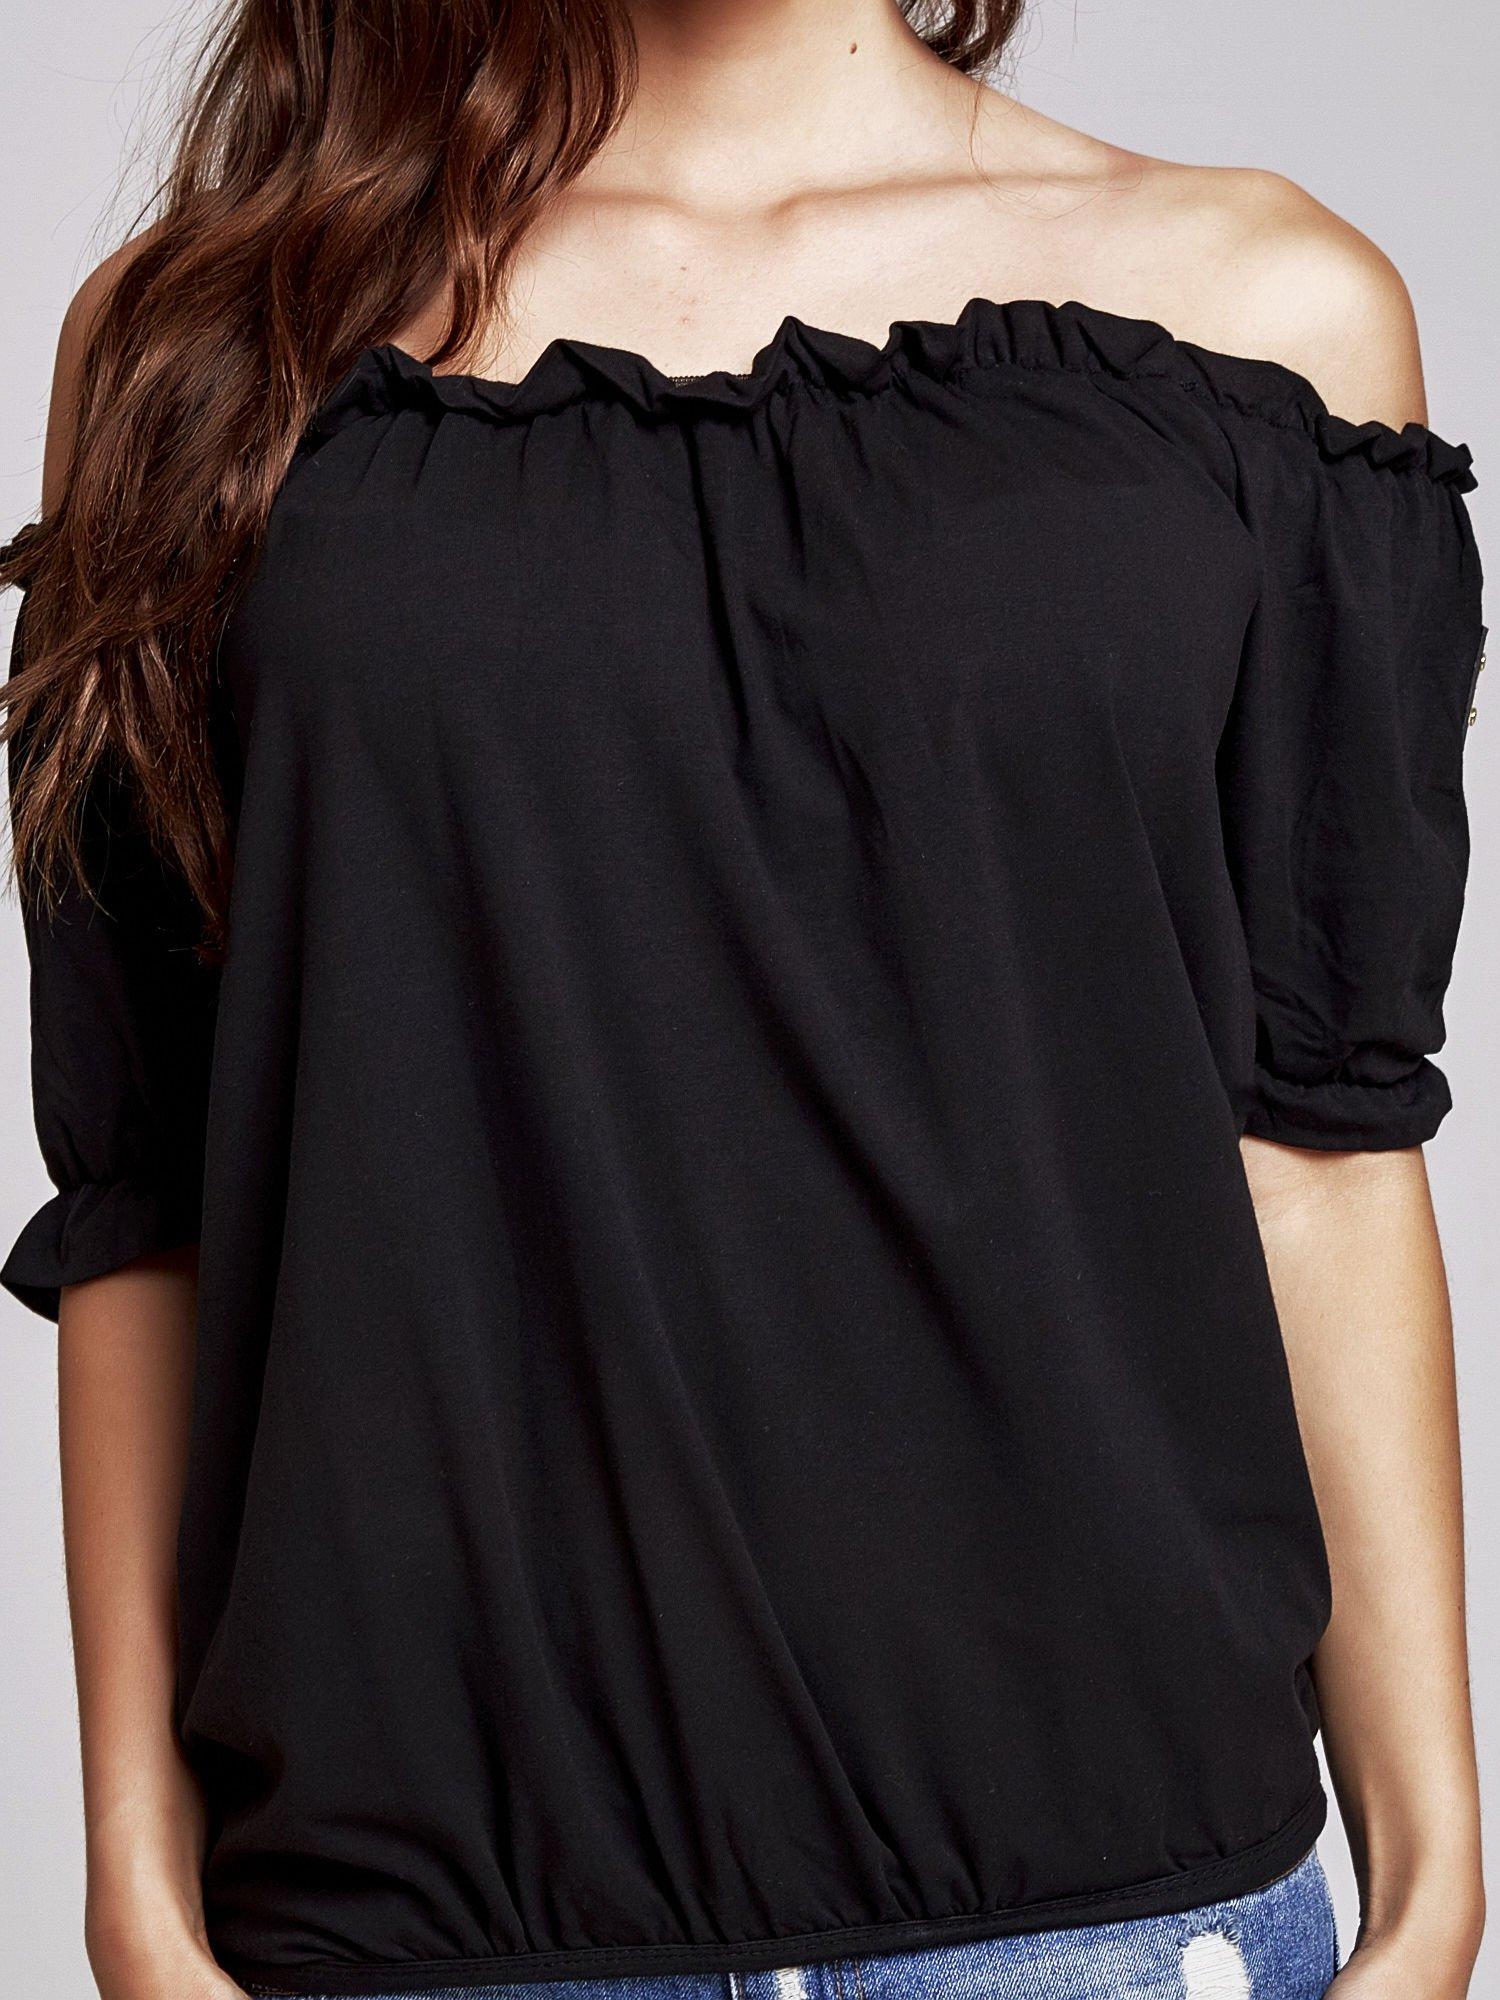 Czarna bluzka z odkrytymi ramionami                                  zdj.                                  5